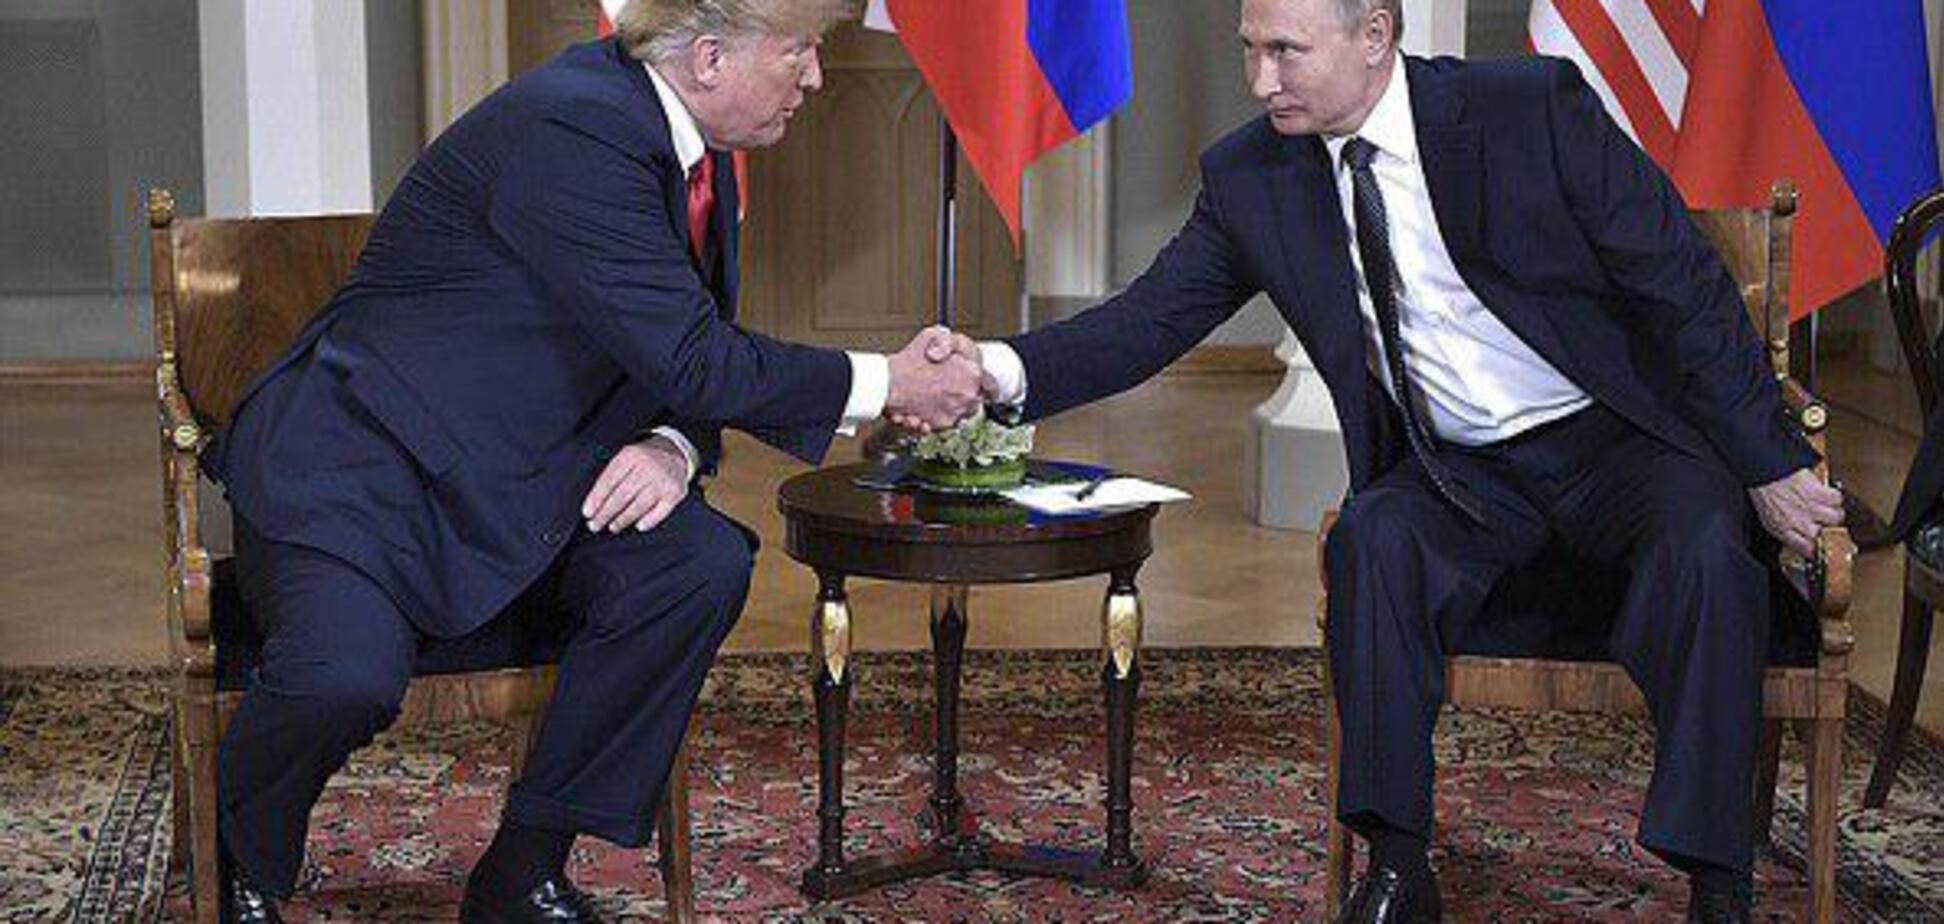 'Щоб із ходулів не впасти': мережу повеселила реакція Путіна на рукостискання Трампа